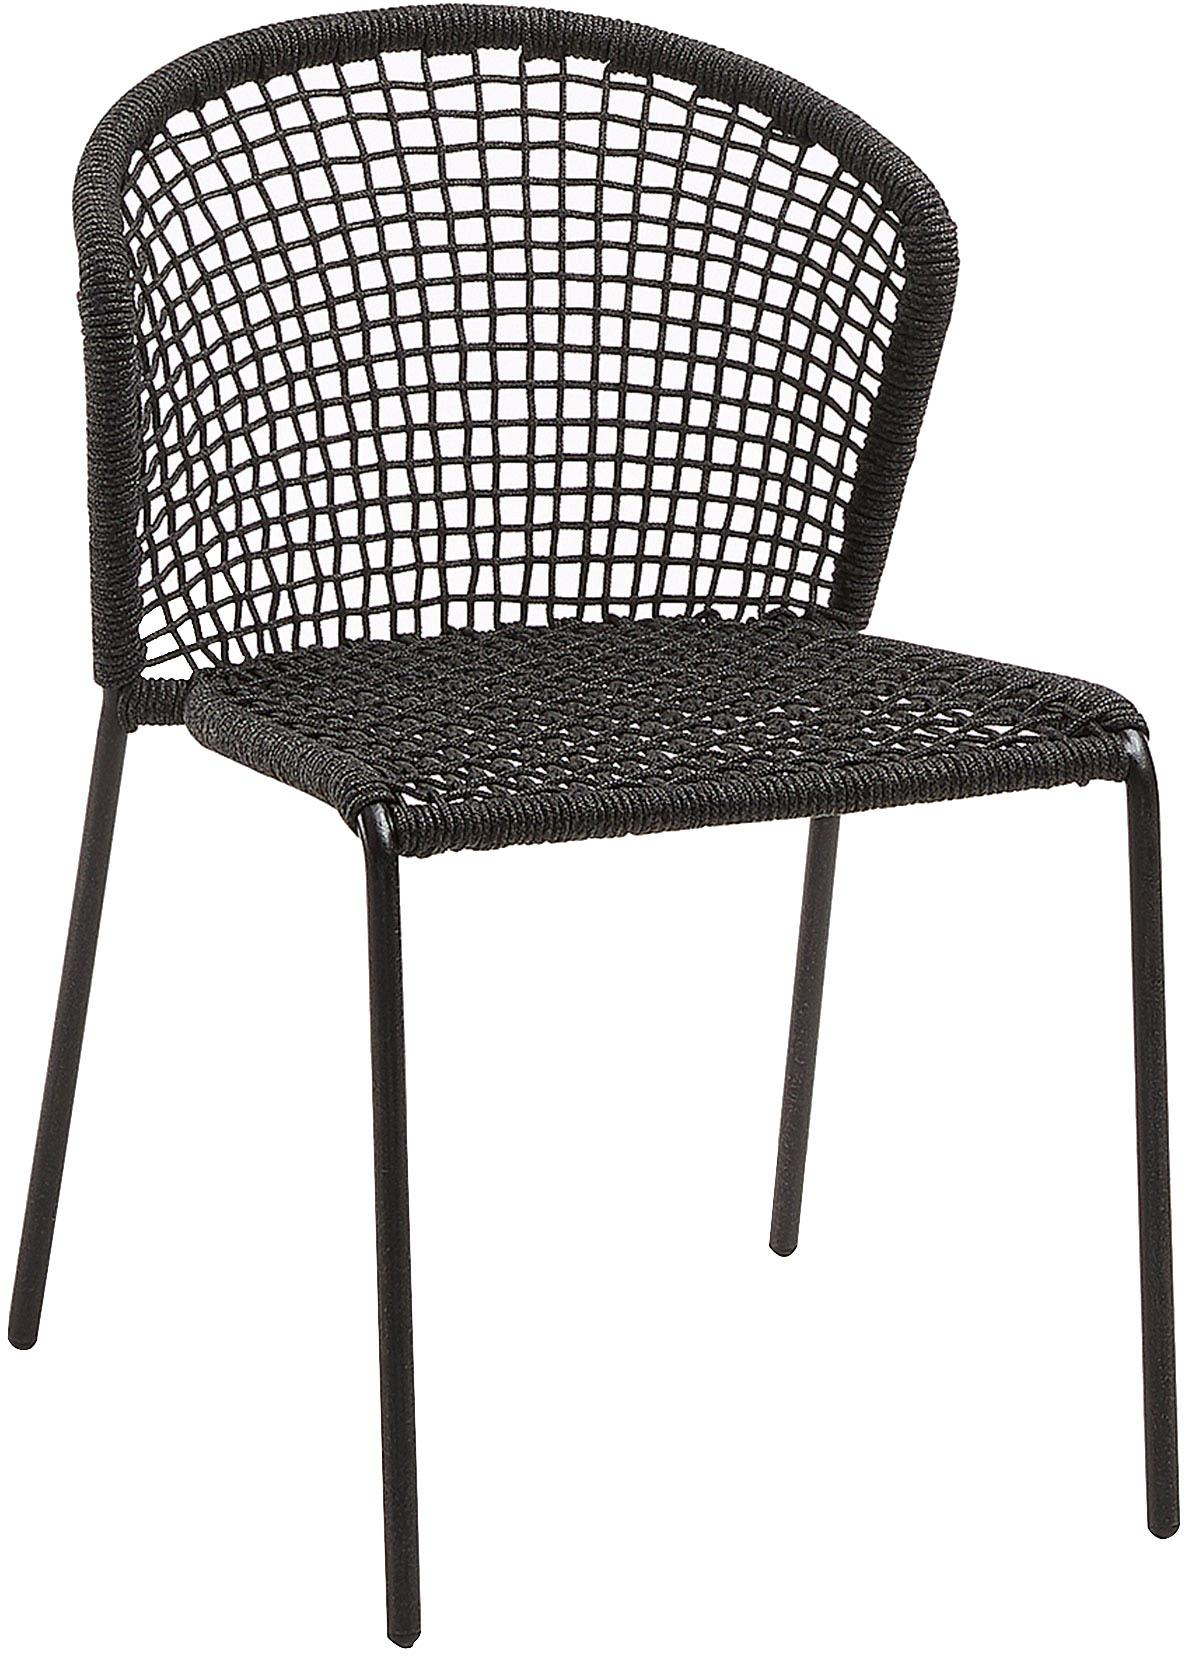 Gartenstühle Mathias, 2 Stück, Sitzschale: Polyester, UV-stabilisier, Beine: Metall, pulverbeschichtet, Dunkelgrau, B 55 x T 62 cm